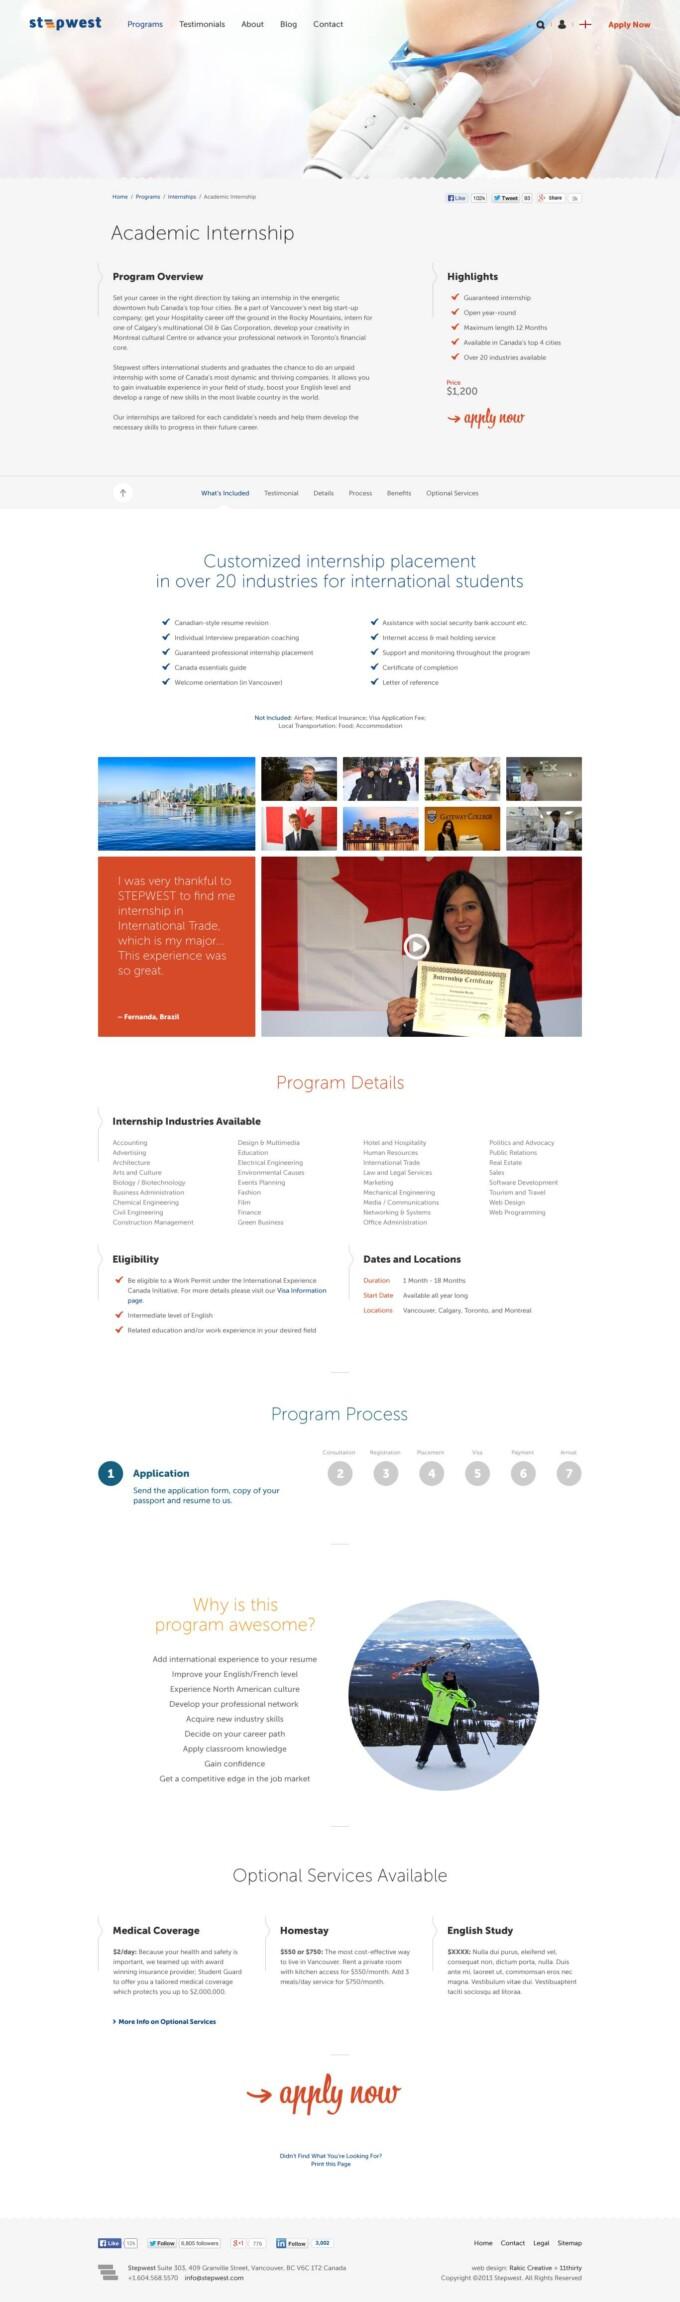 Program Detail Page